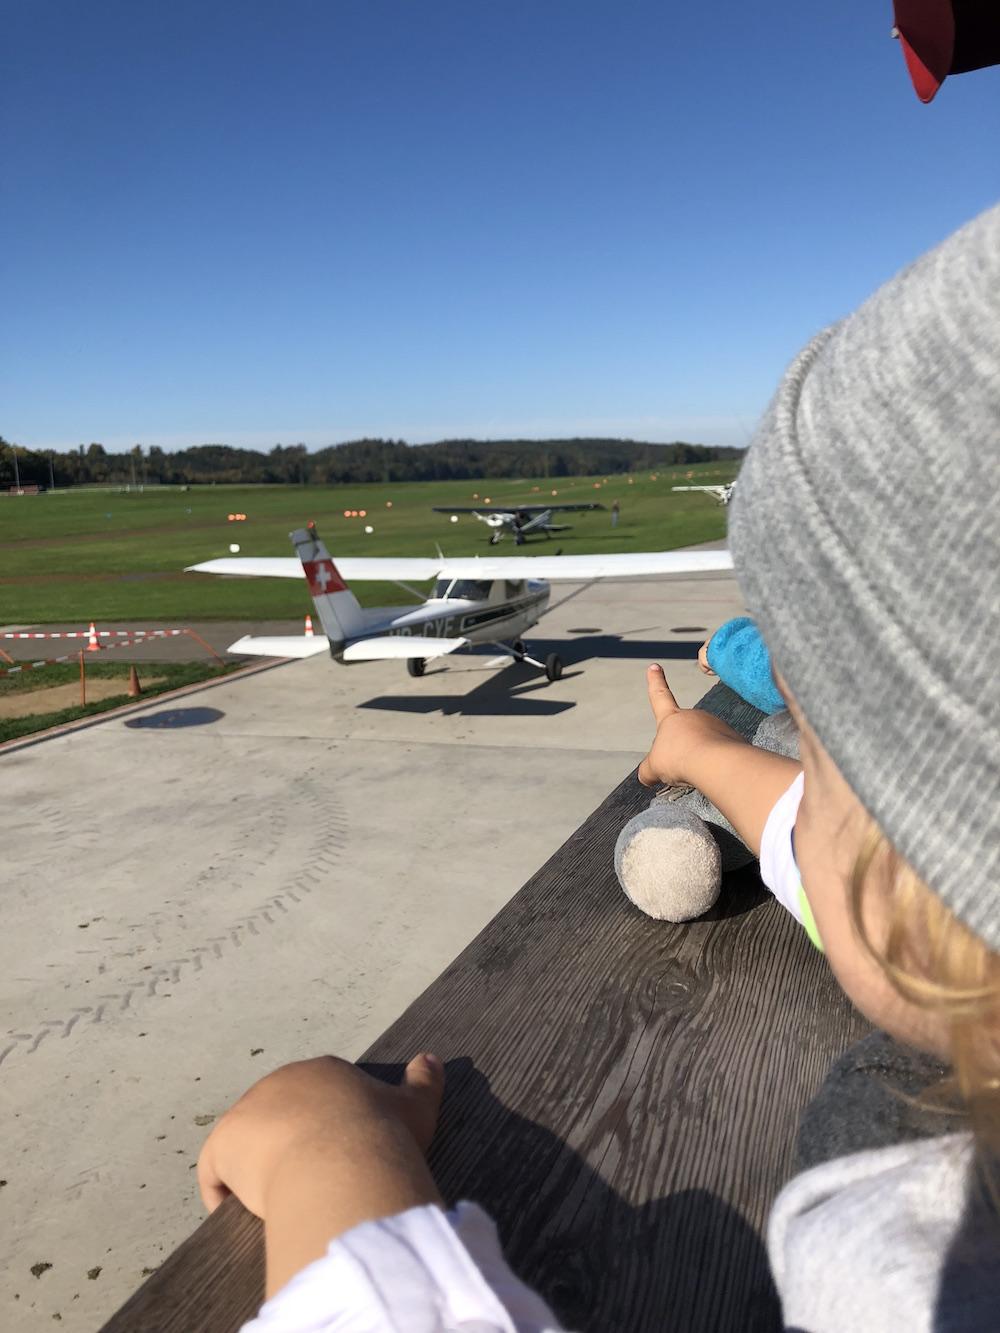 Spielplatztest #4: Flugplatz Speck